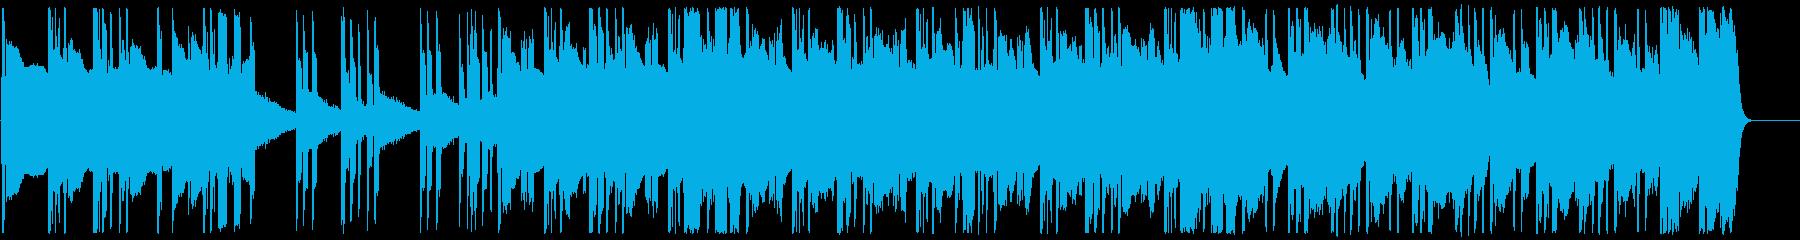 ヒップホップ/超重バス/トラップ#4の再生済みの波形